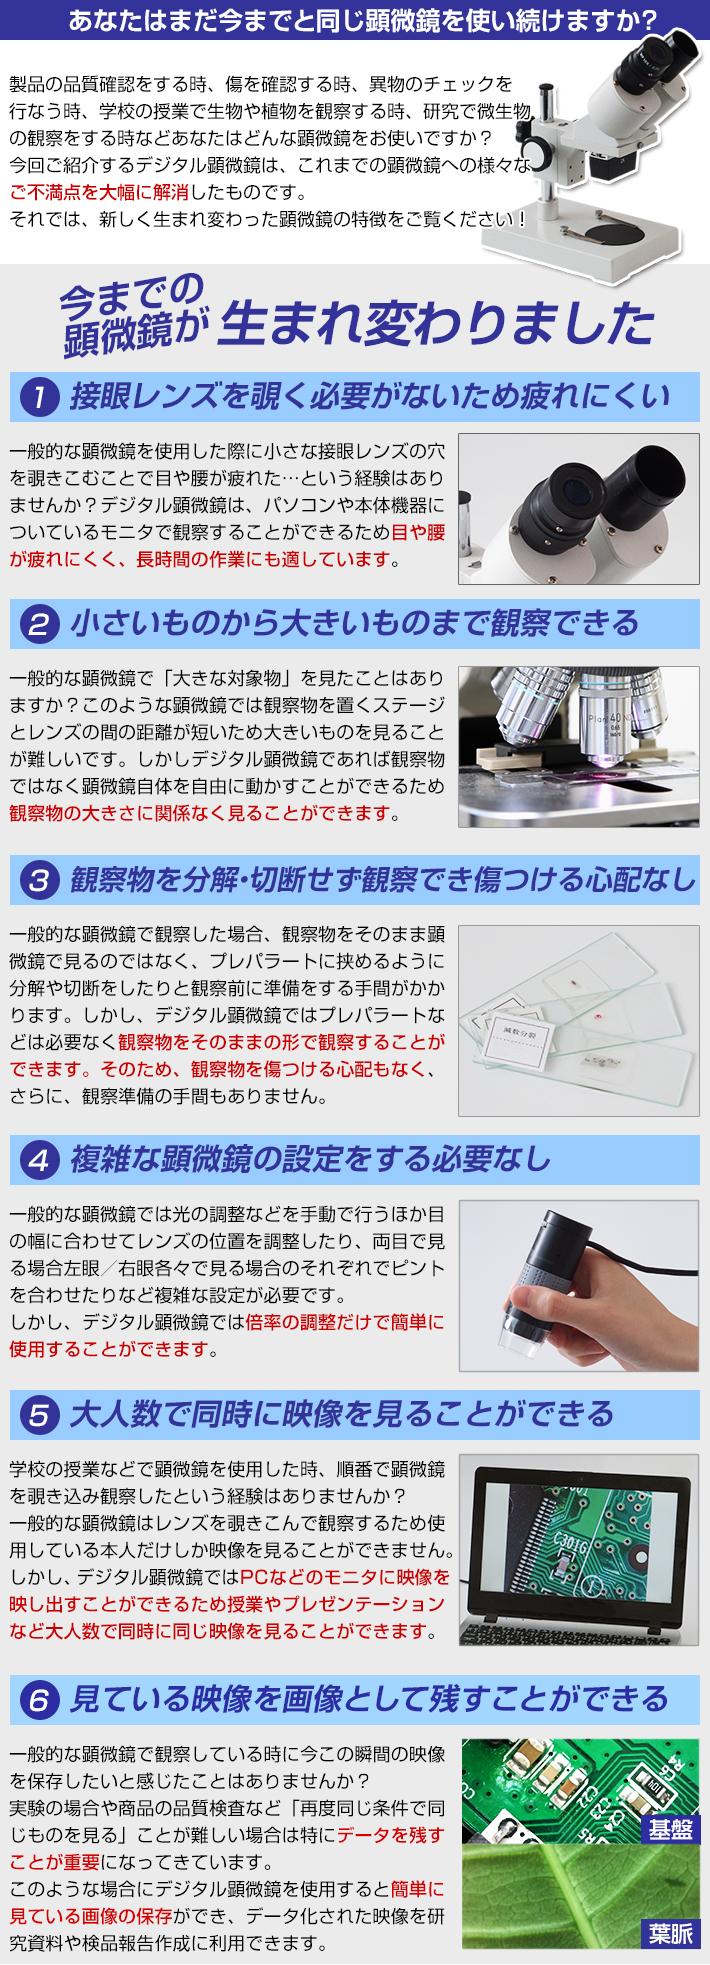 デジタル顕微鏡の比較